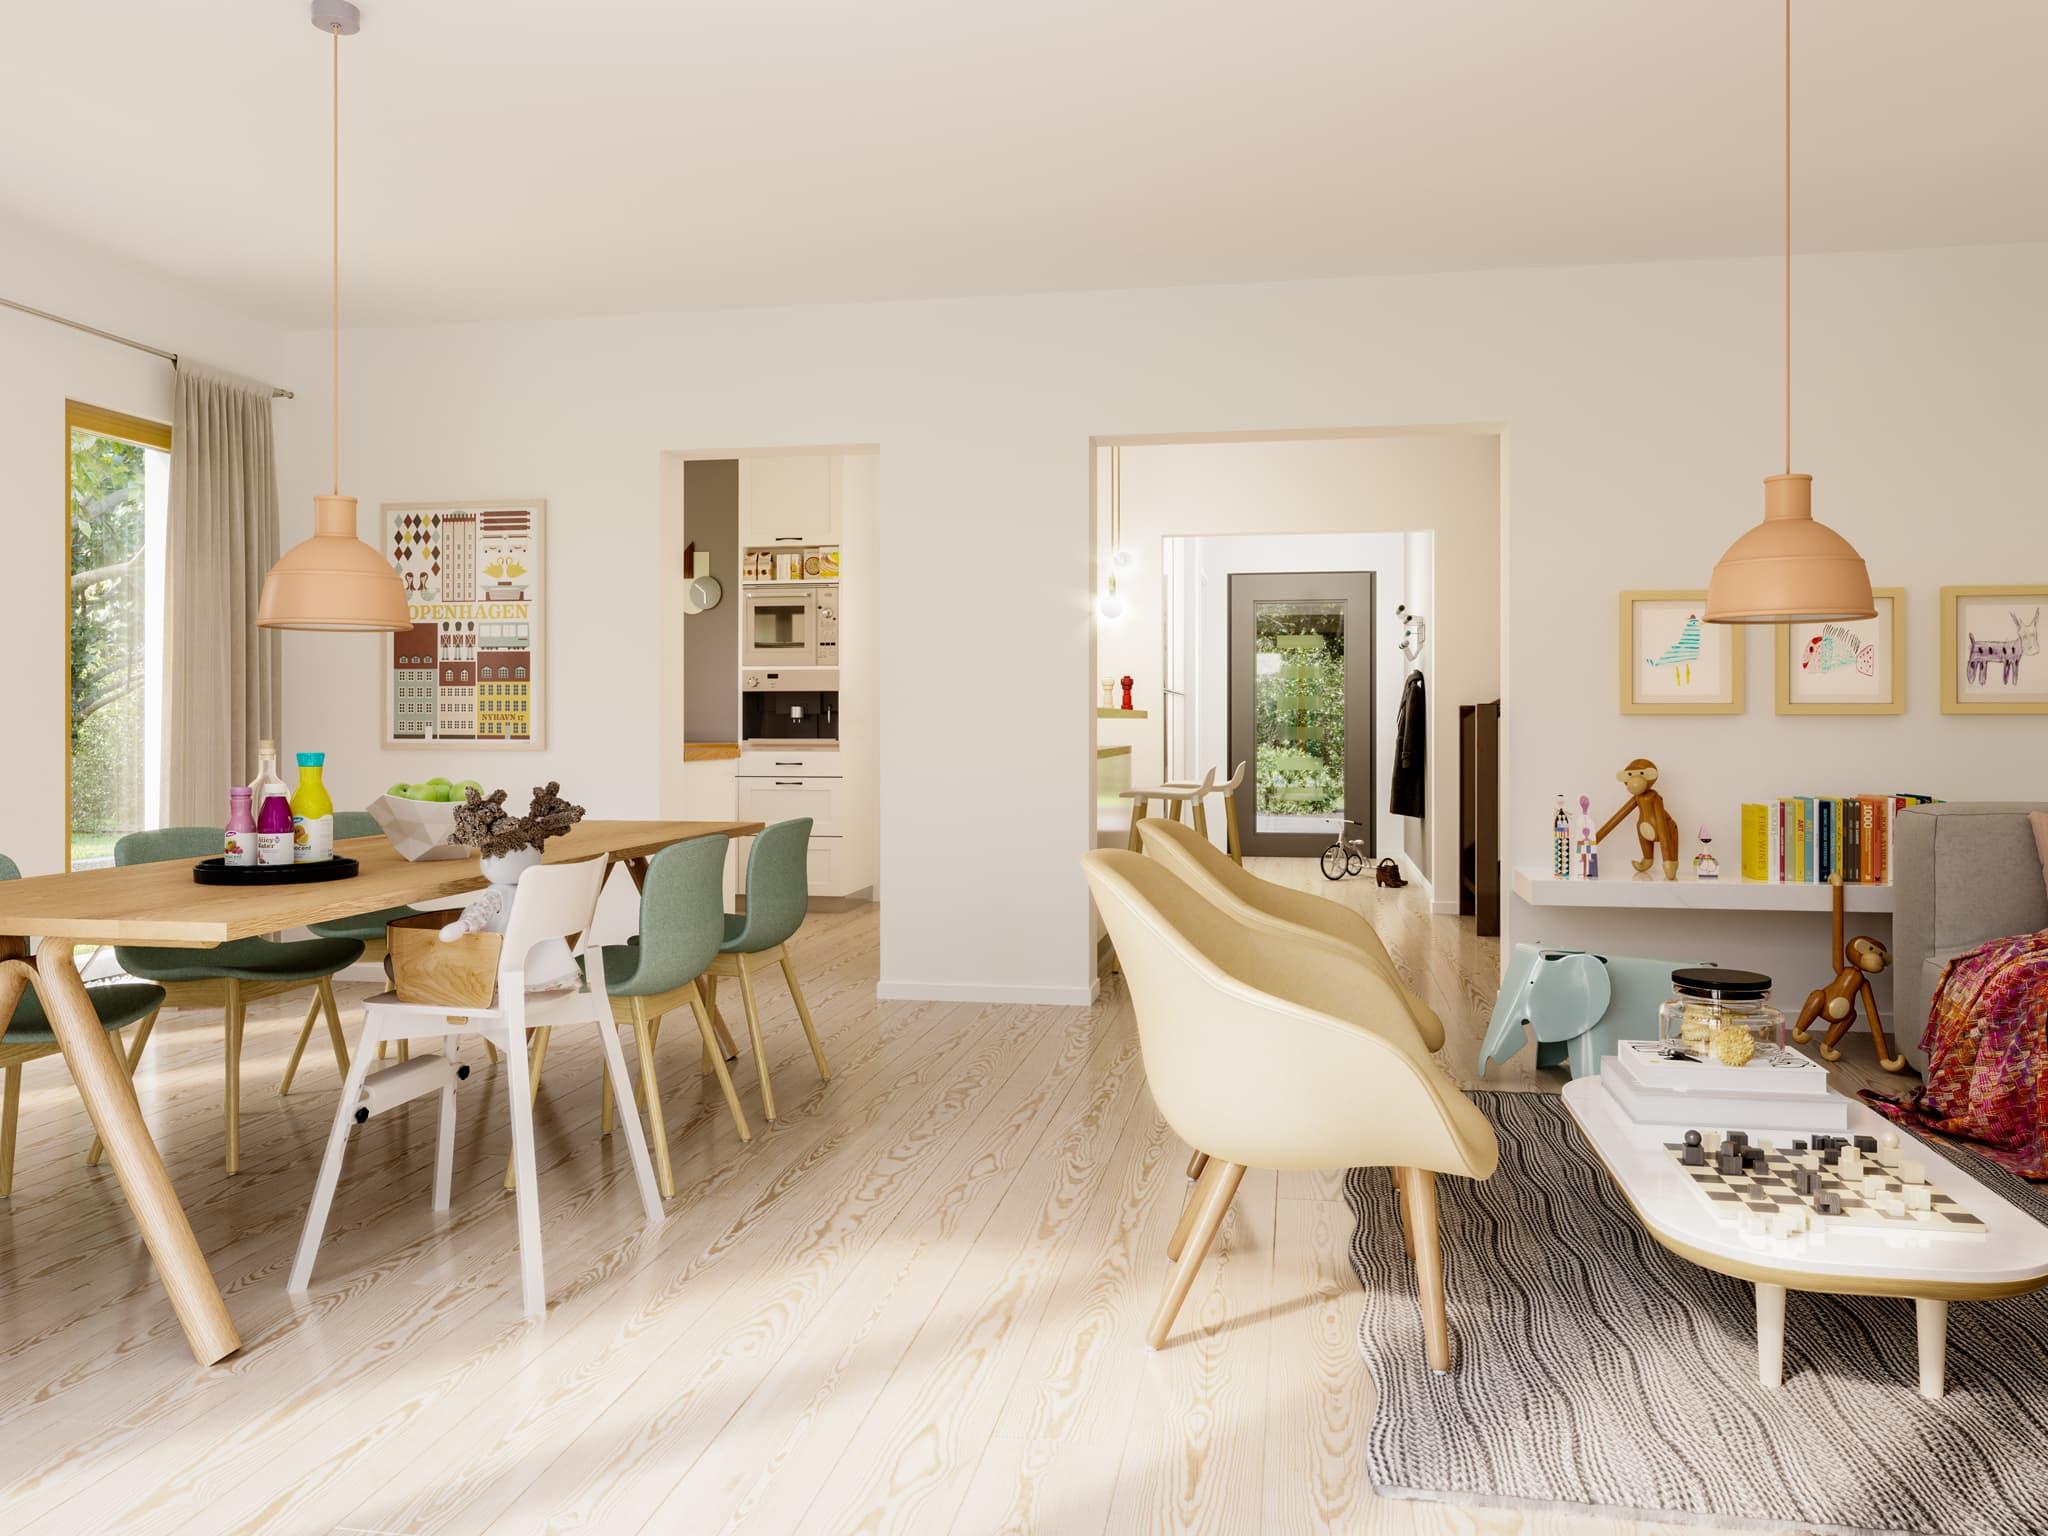 Offenes Wohnzimmer mit Essbereich - Ideen Inneneinrichtung Fertighaus SOLUTION 242 V4 von Living Haus - HausbauDirekt.de